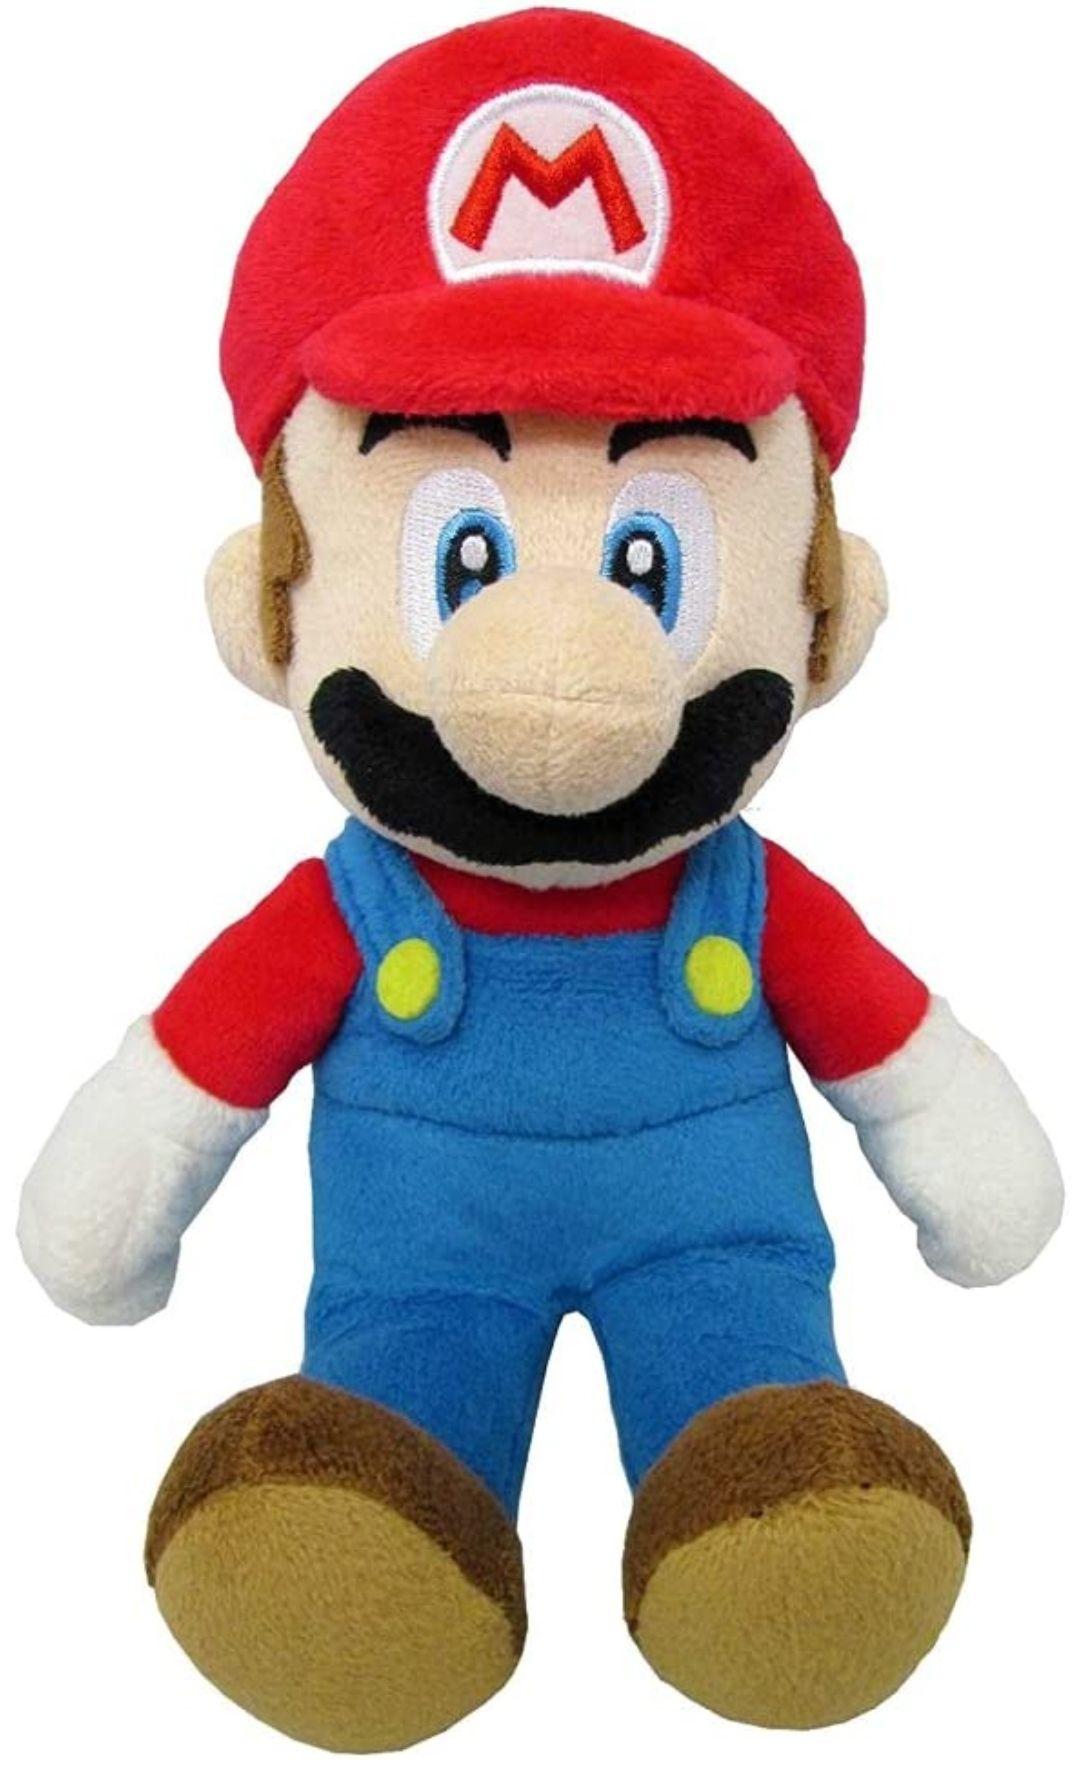 Peluche Mario con licencia oficial de Nintendo, 20 cm